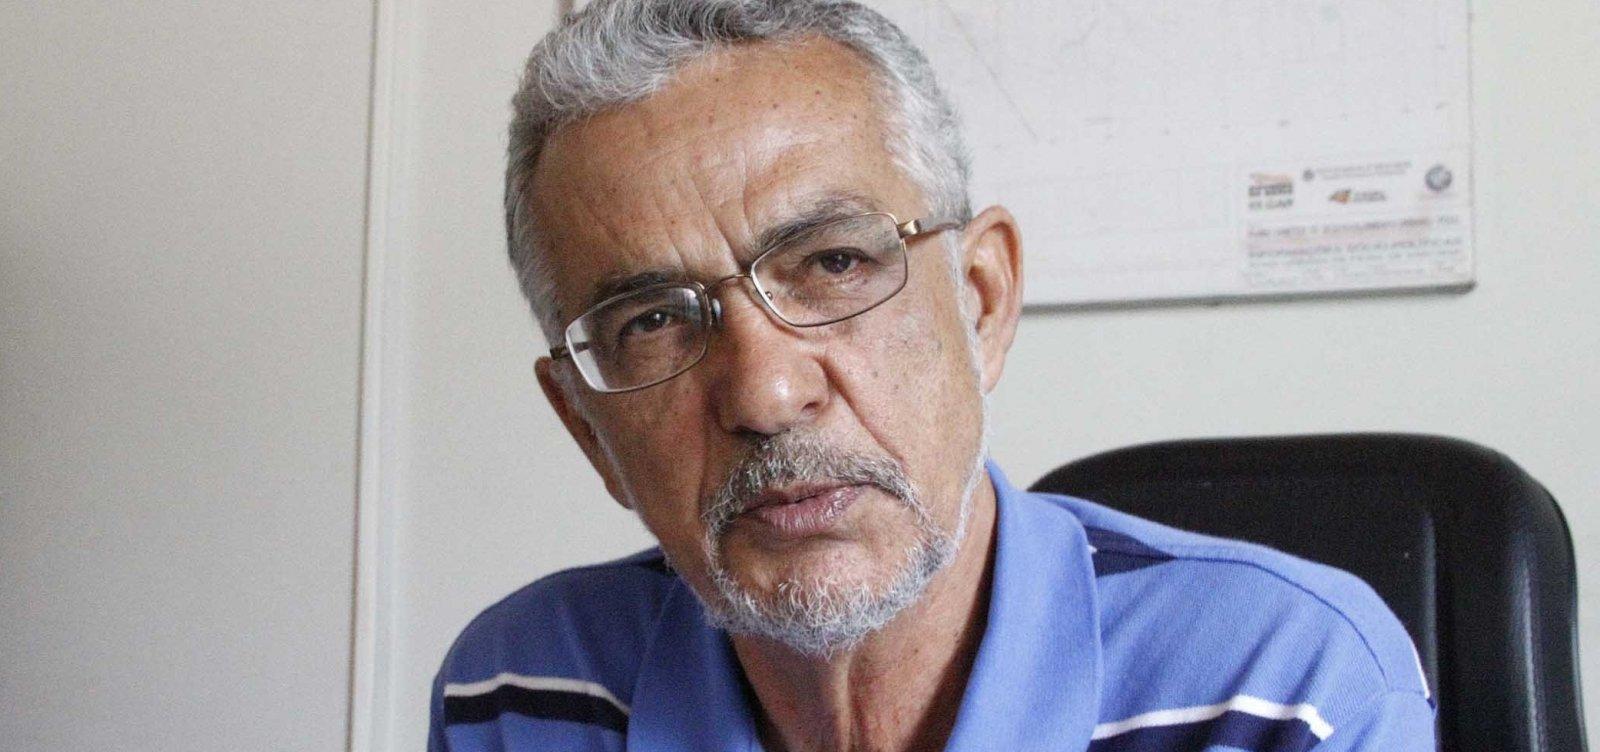 [Sociólogo e secretário municipal de Feira, Ildes Ferreira morre aos 67 anos]